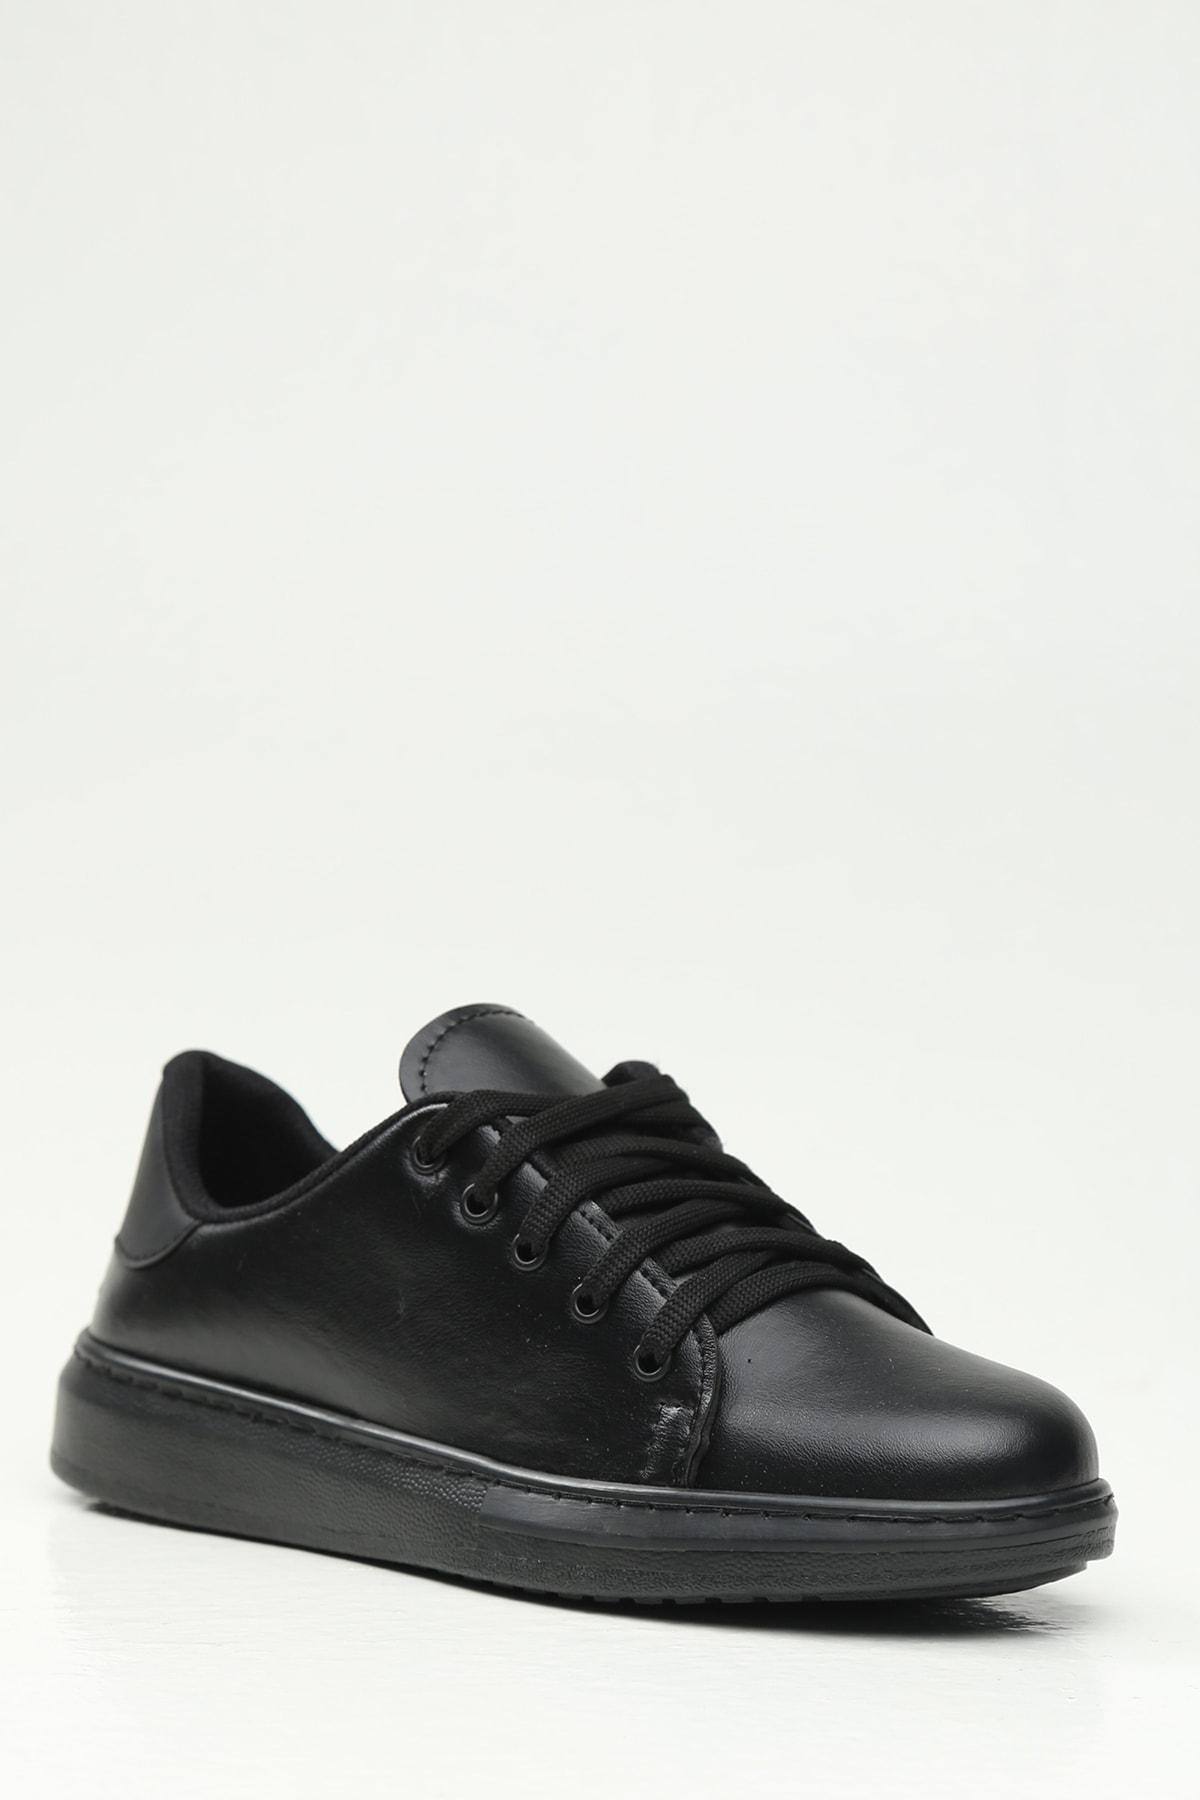 Ayakkabı Modası Siyah-Siyah Kadın Casual Ayakkabı BM-4000-19-110001 1